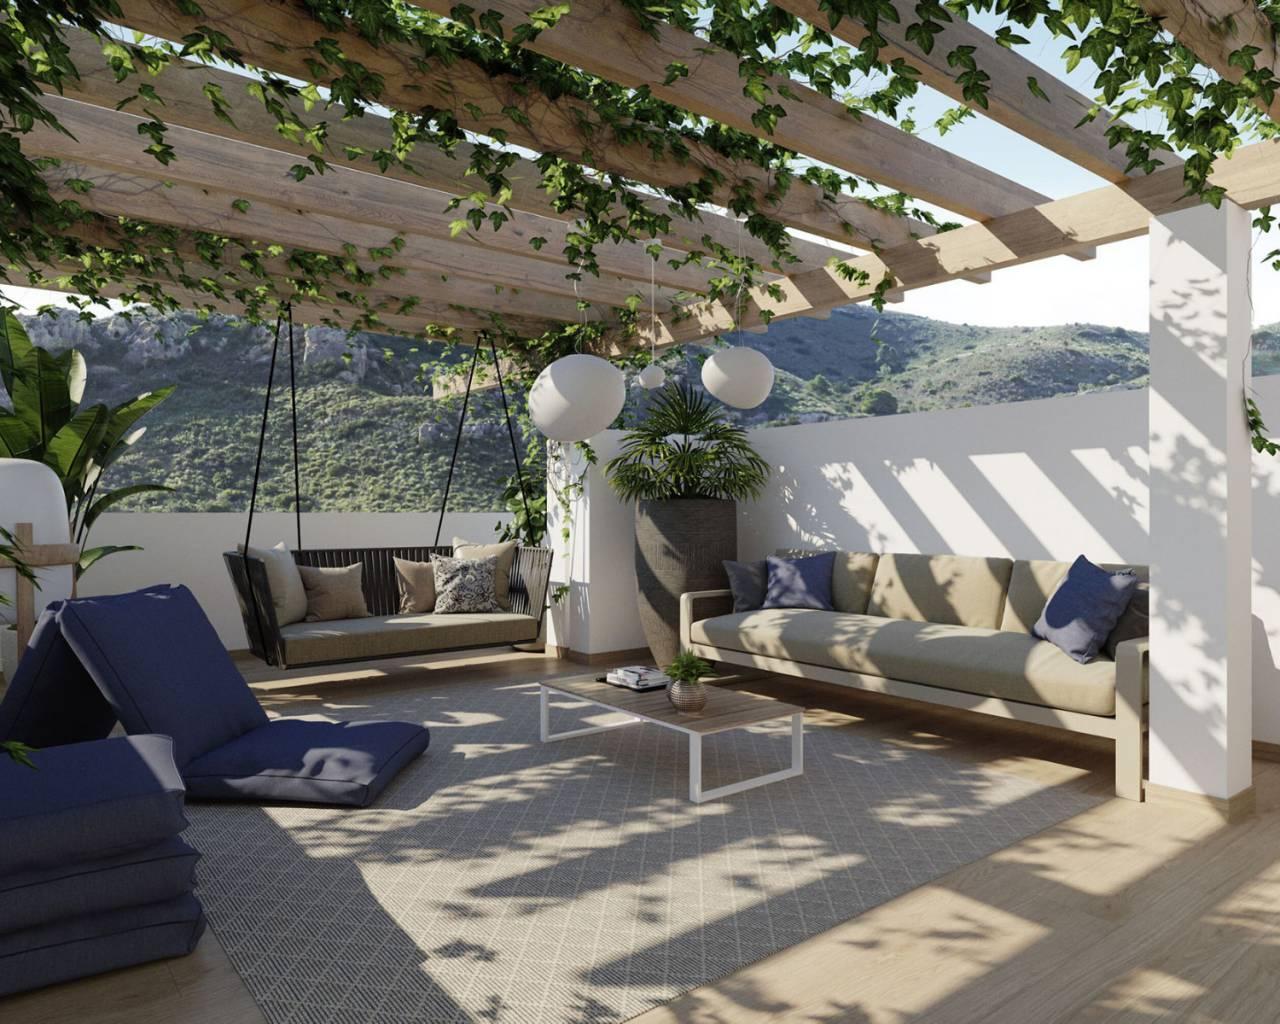 nieuwbouw-appartement-montforte-del-cid-font-del-llop_3143_xl